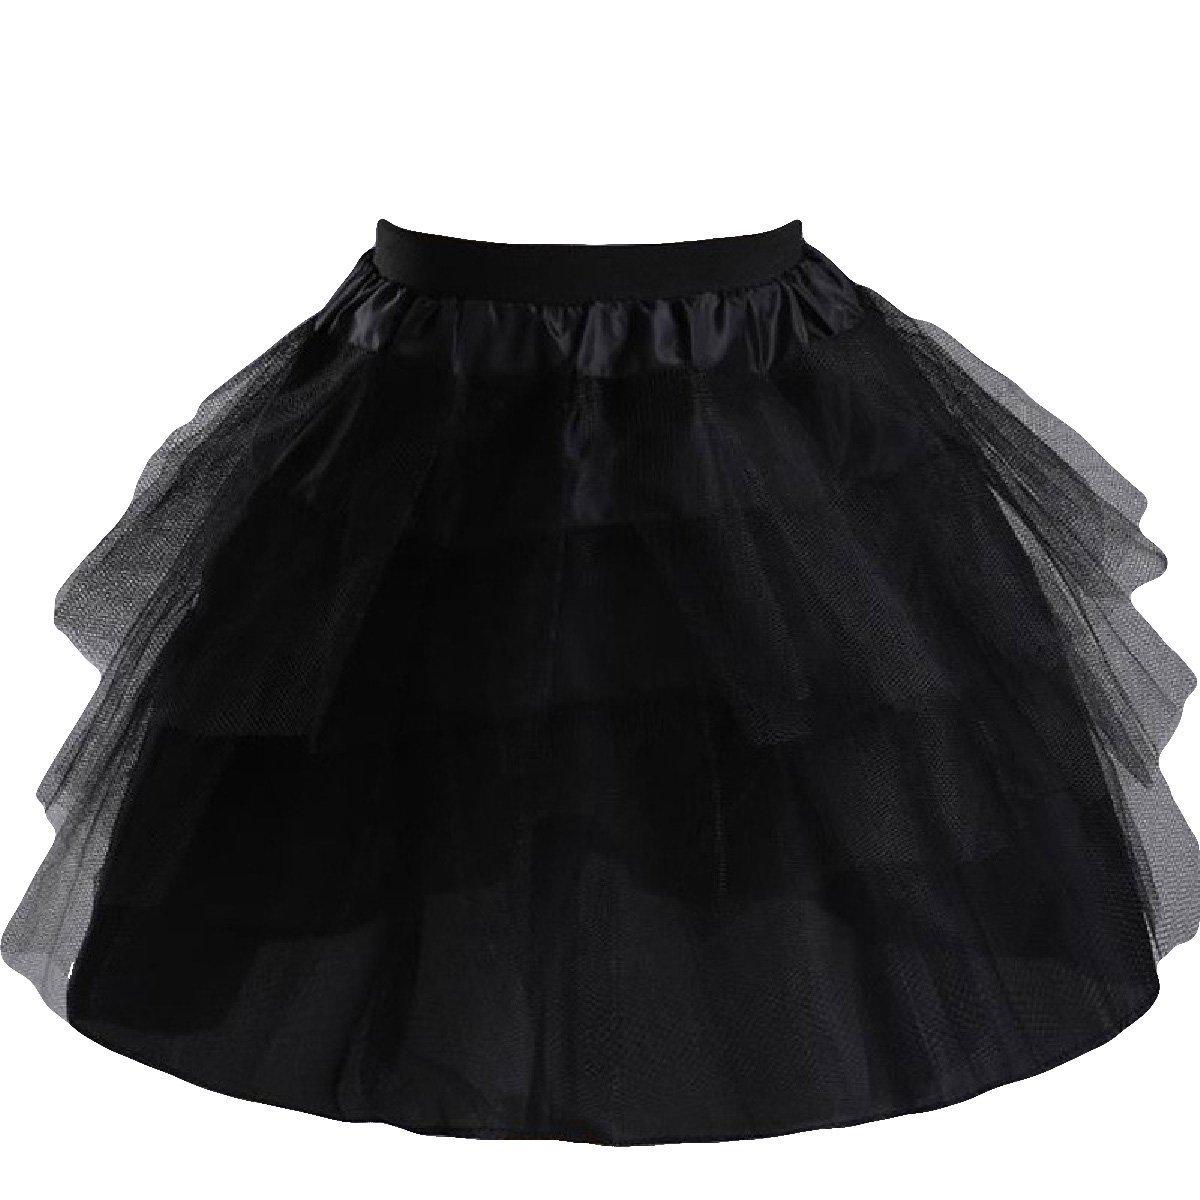 Manfei Girls 3 Layers Wedding Flower Girl Petticoat Slips Underskirt LJ203-c2-One Size